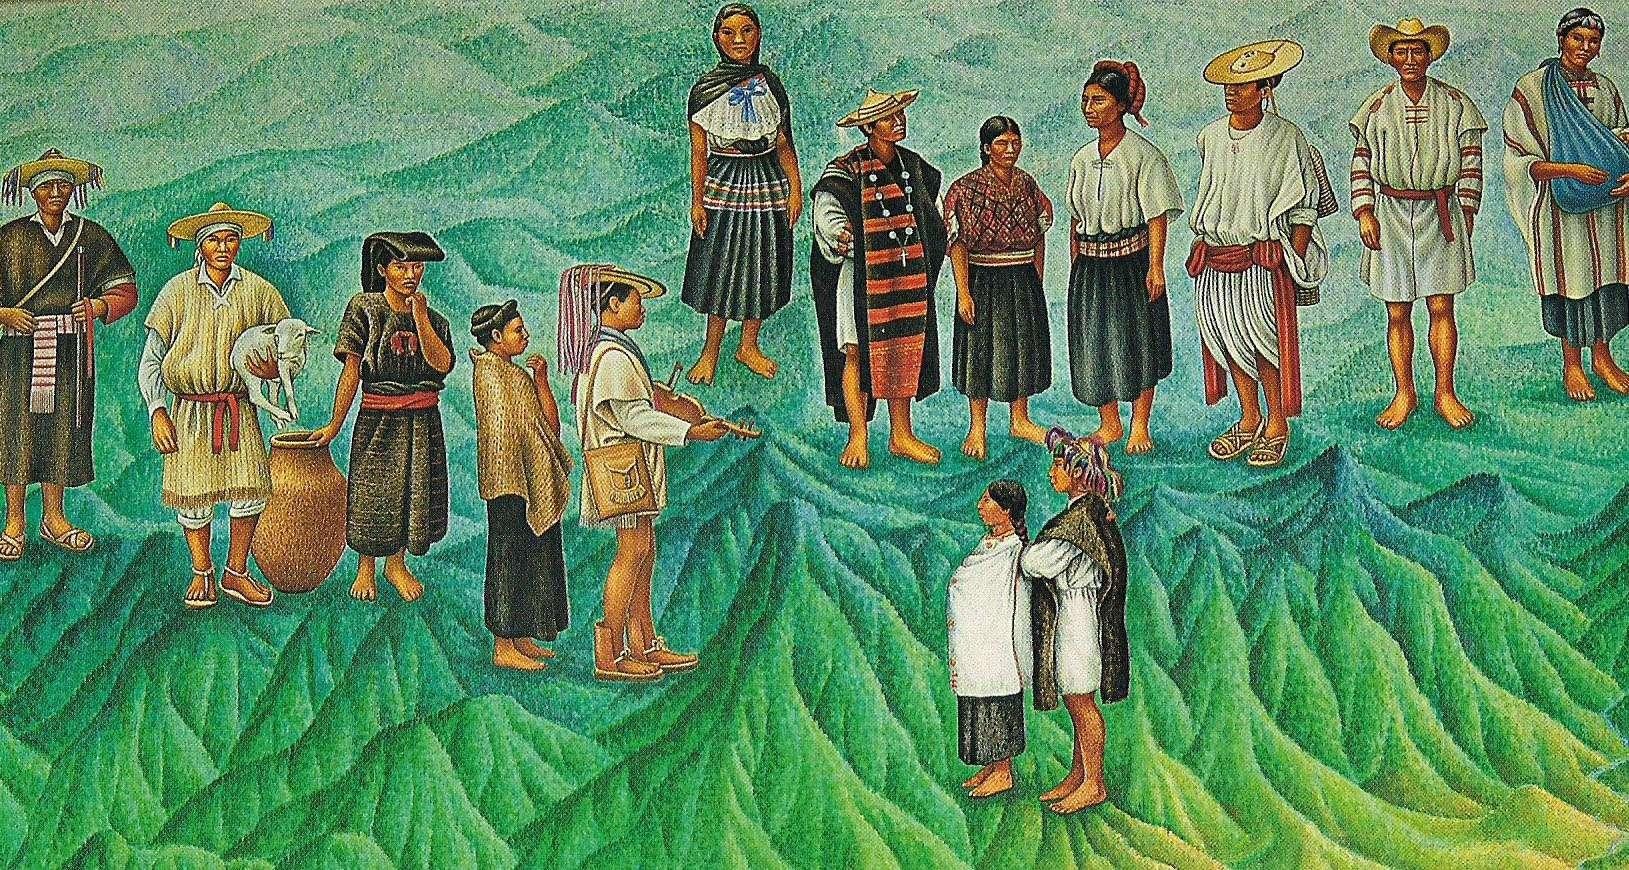 Εθνικό Μουσείο Ανθρωπολογίας (Μεξικό). Boards of Ethnography. National Museum of Anthropology (Mexico)